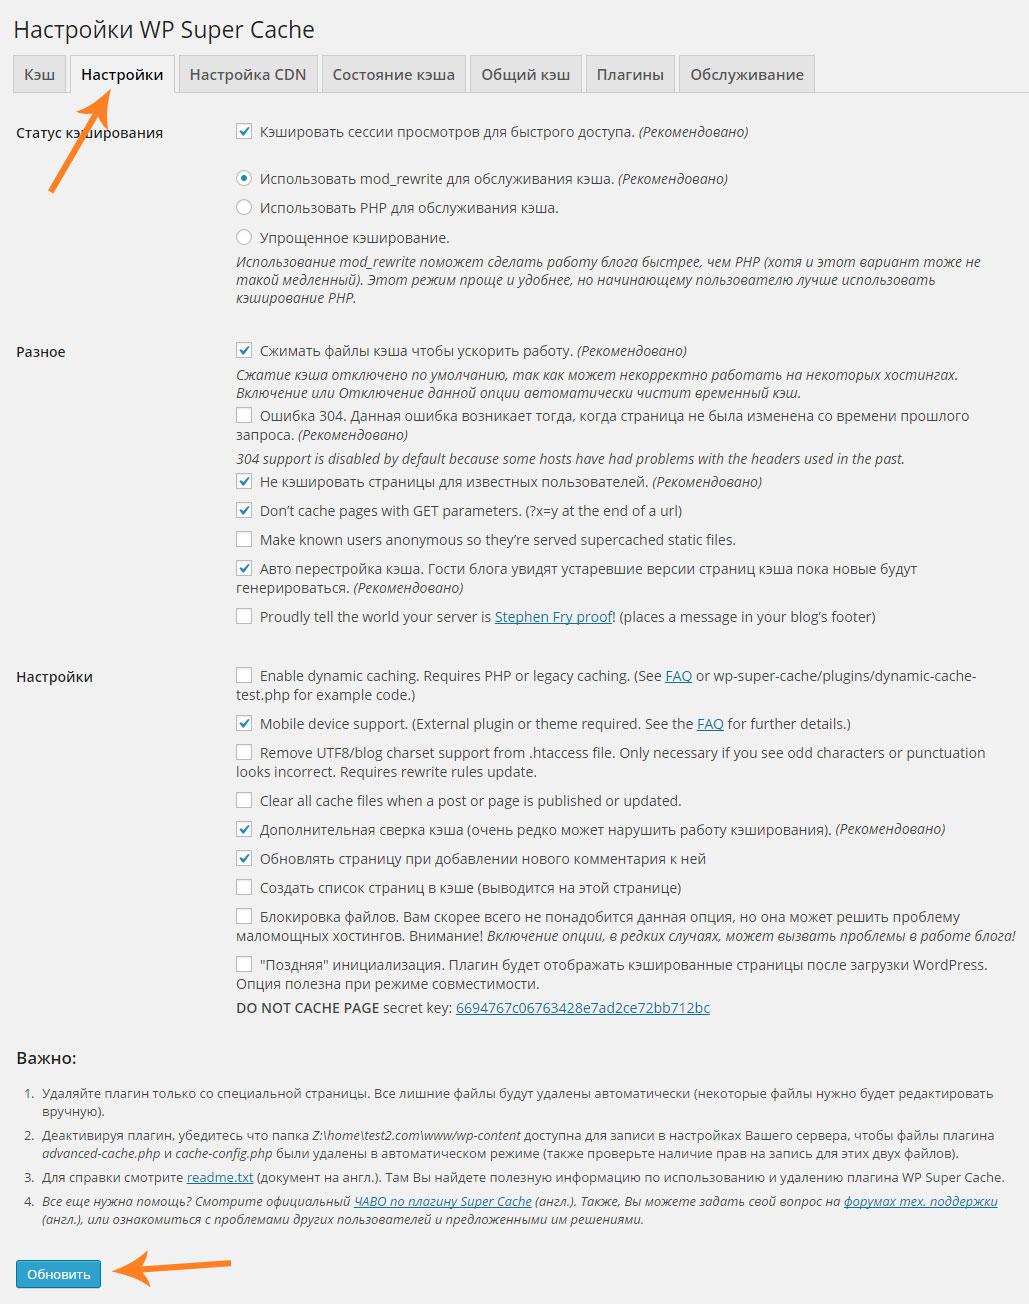 Кэширование сайта WordPress